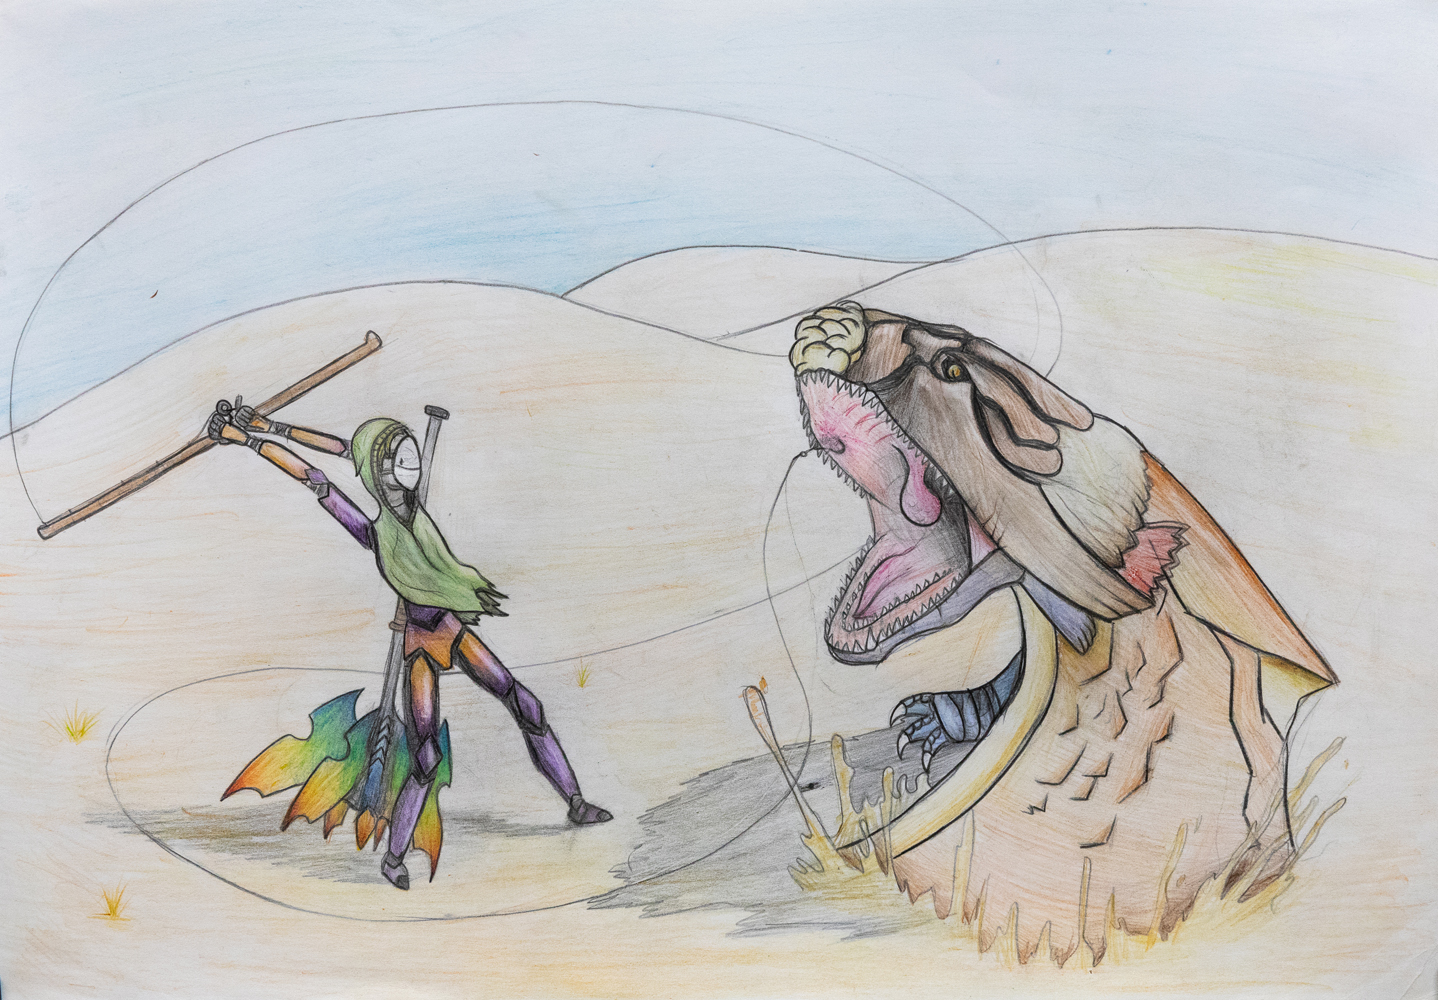 36. Daniel Gomez, 'Dream Big', pencil drawing, Year 7, Bingara Central School